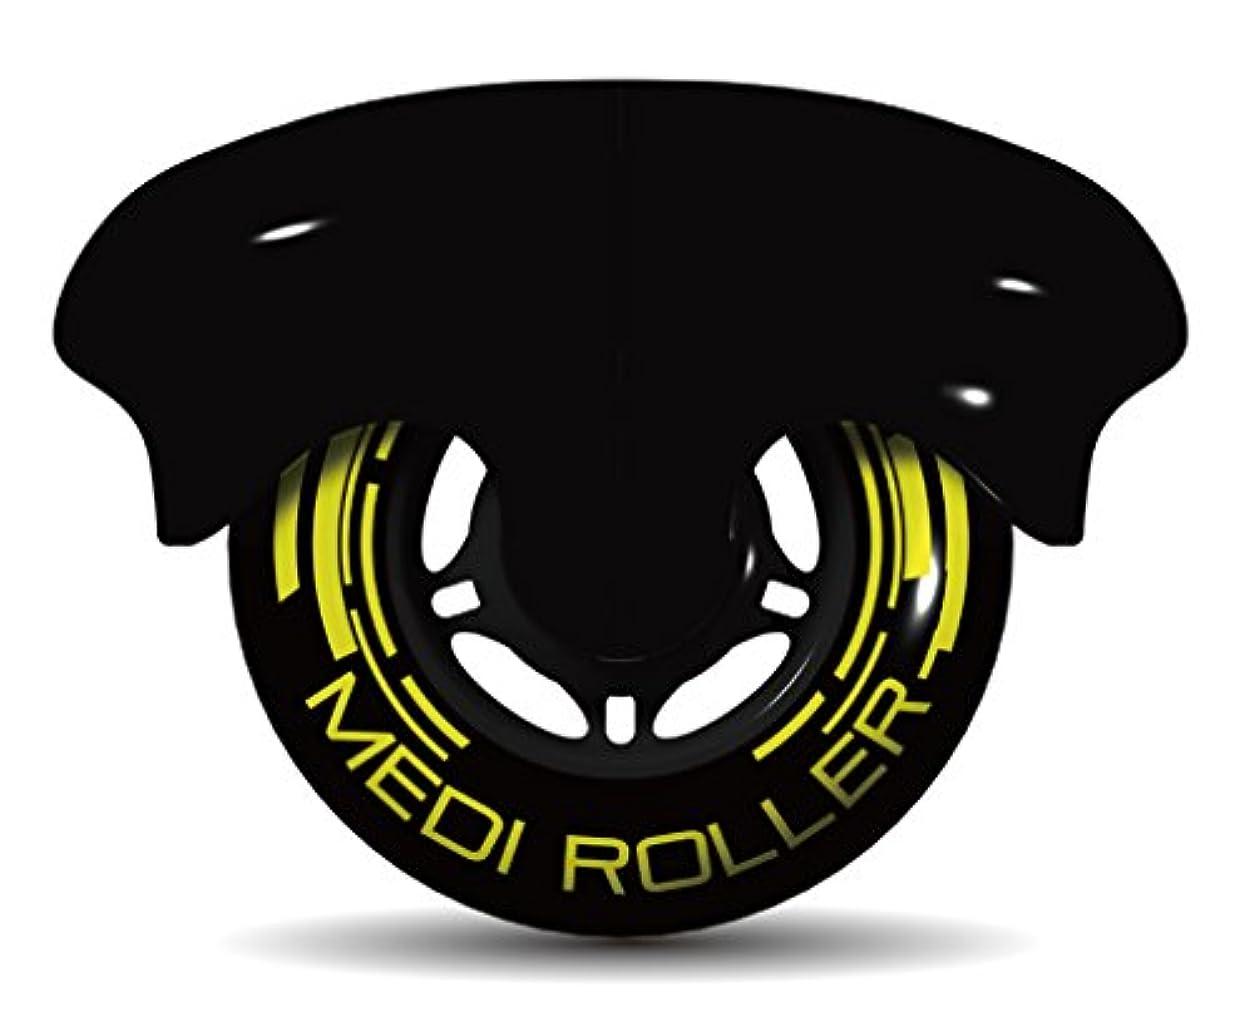 ウェーハ味付けエッセイMEDI ROLLER (メディローラー) 巾着付き 筋肉のコリを点で押すセルフローラー (ブラック)